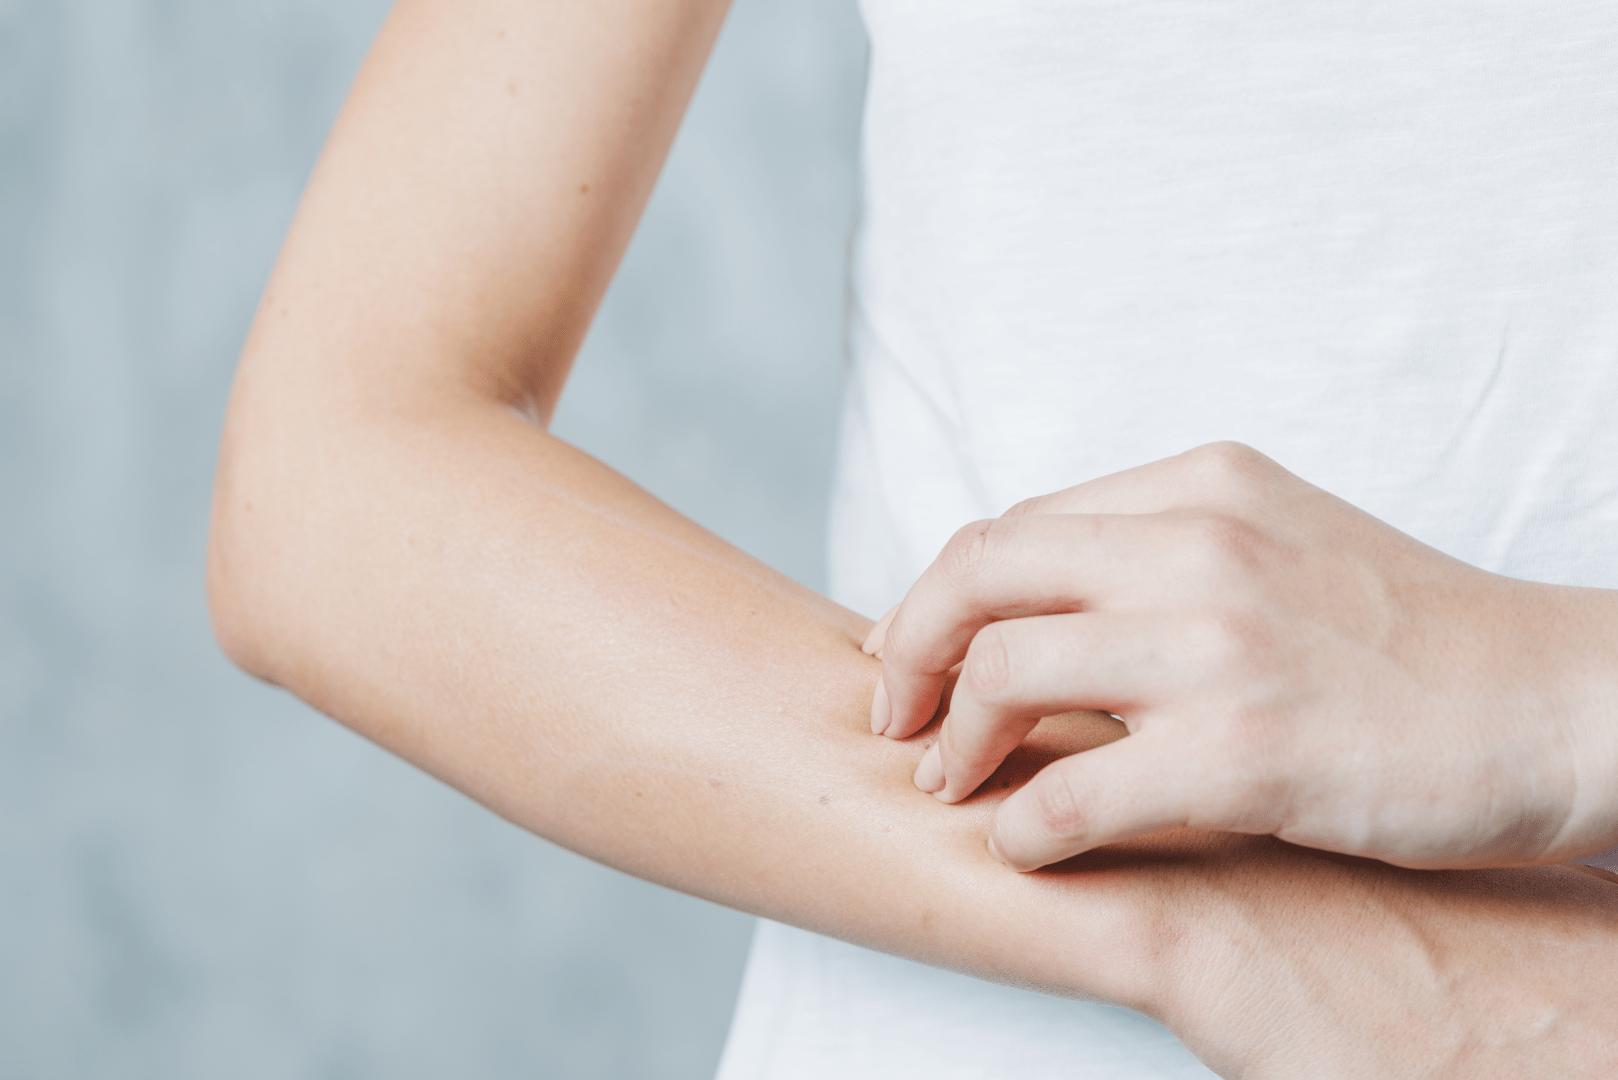 brotoeja pessoa coçando o braco um dos sintomas miliaria rubra